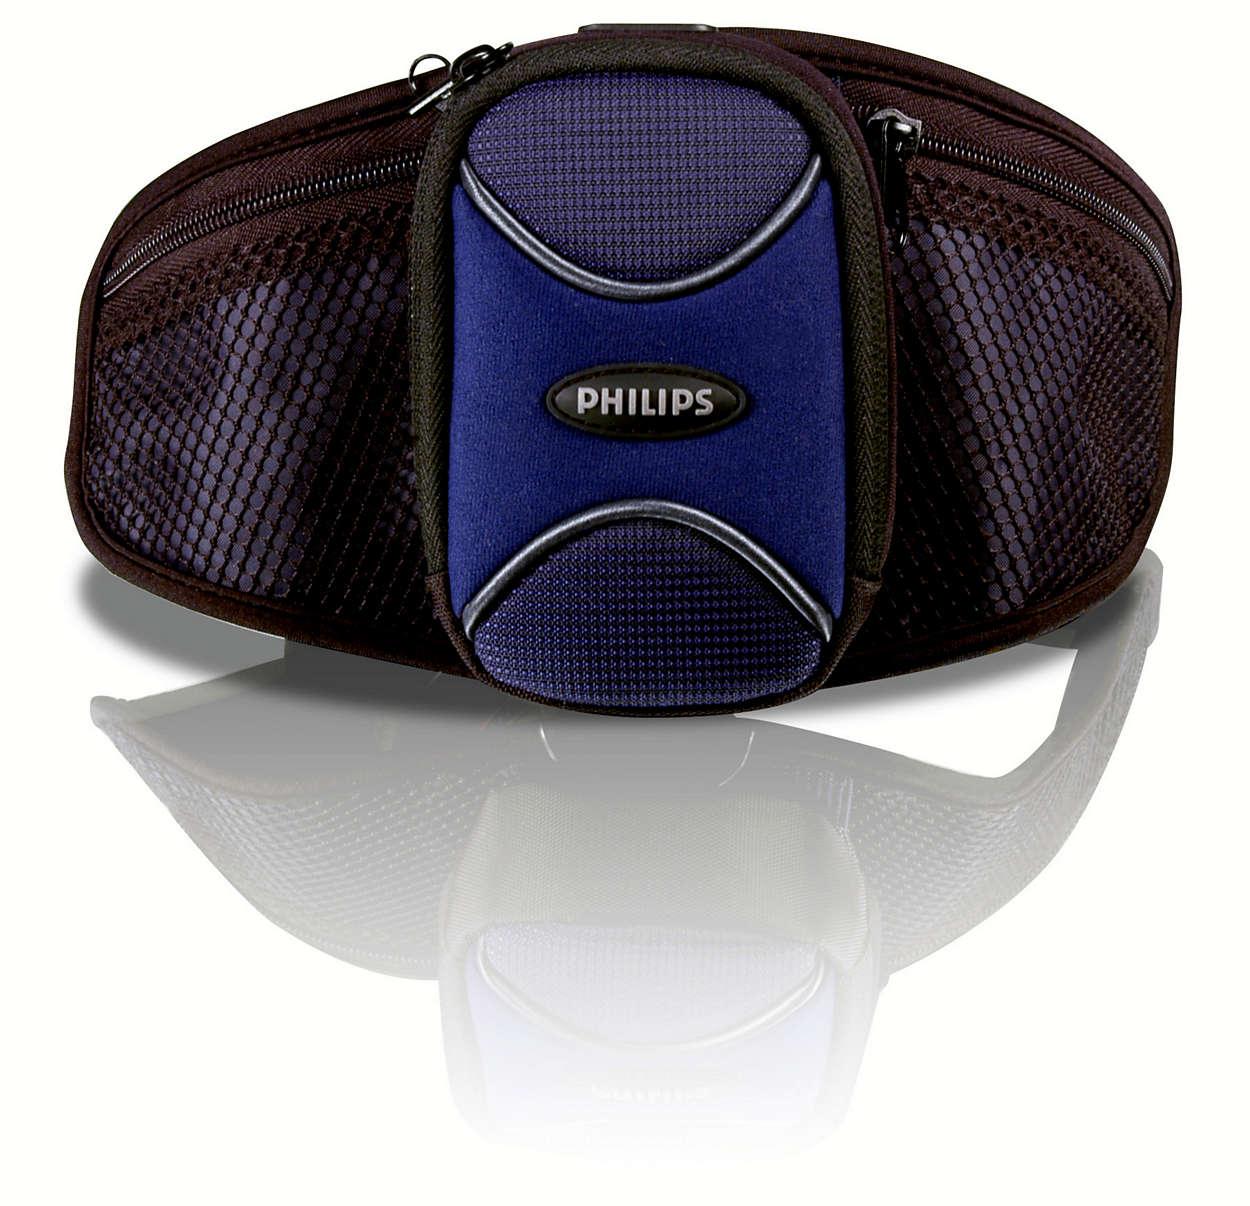 Óvja MP3-lejátszóját